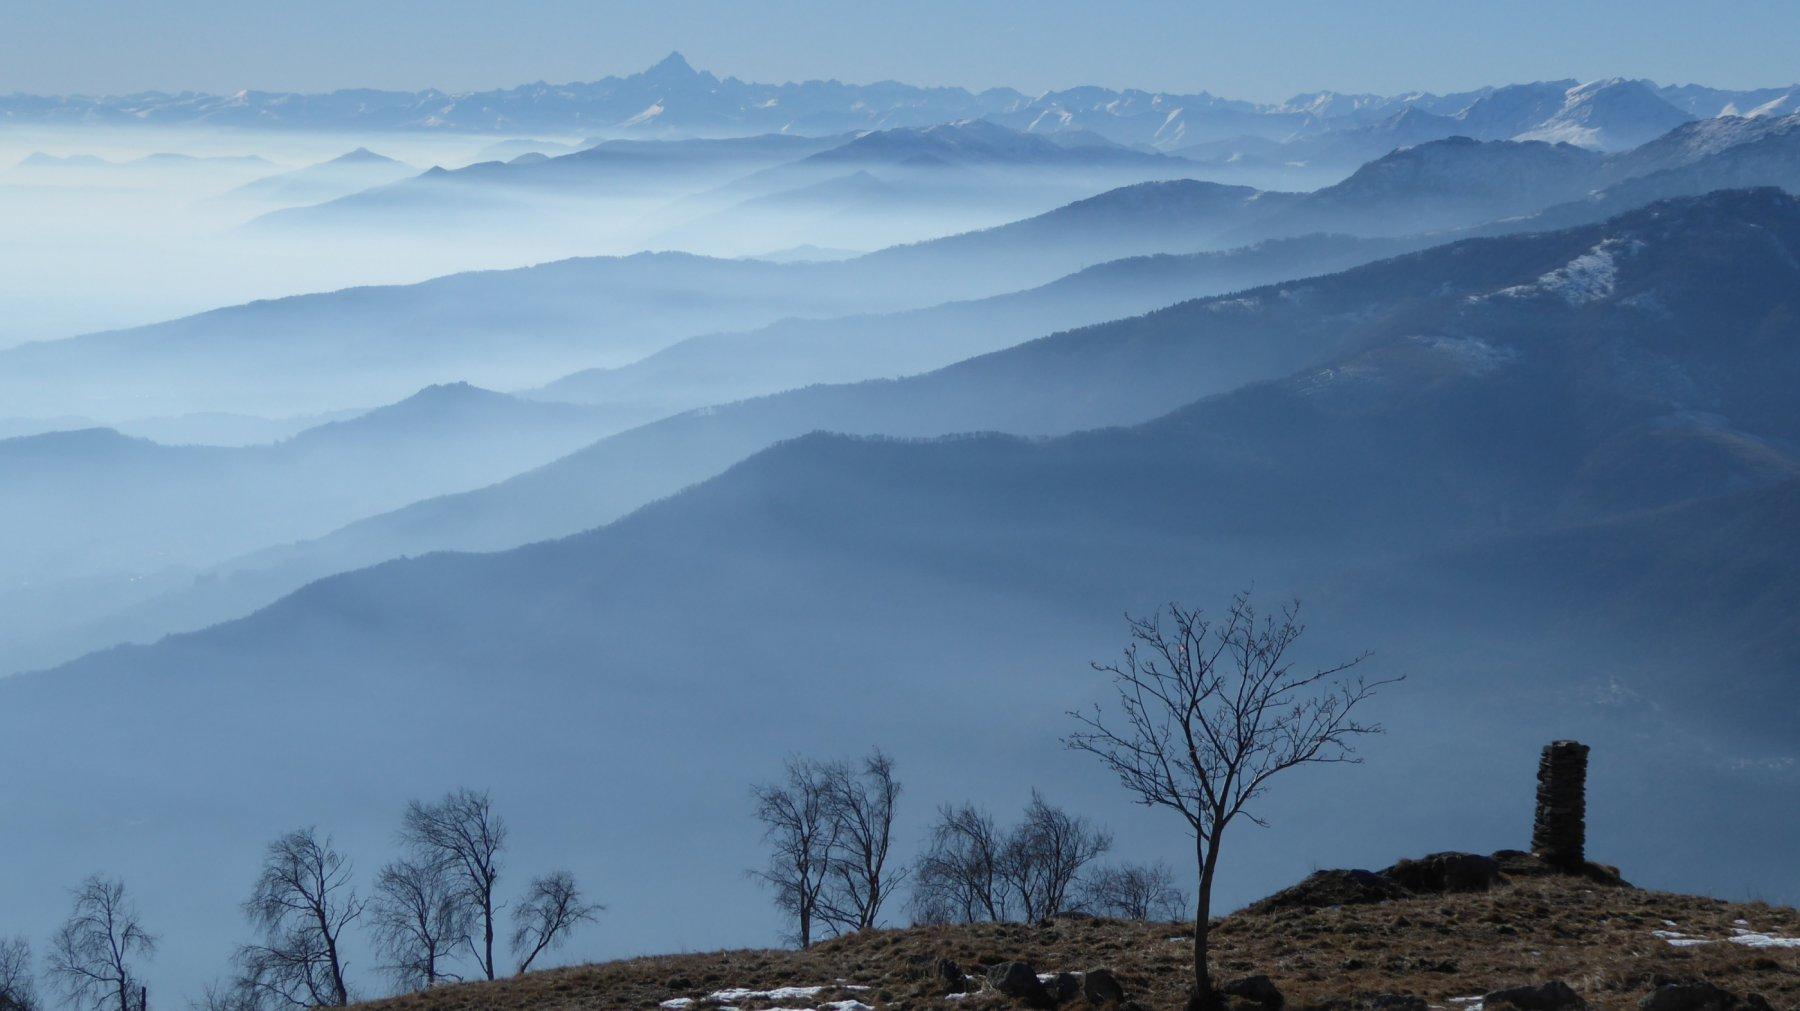 Nuvolaglia sul fondo delle valli